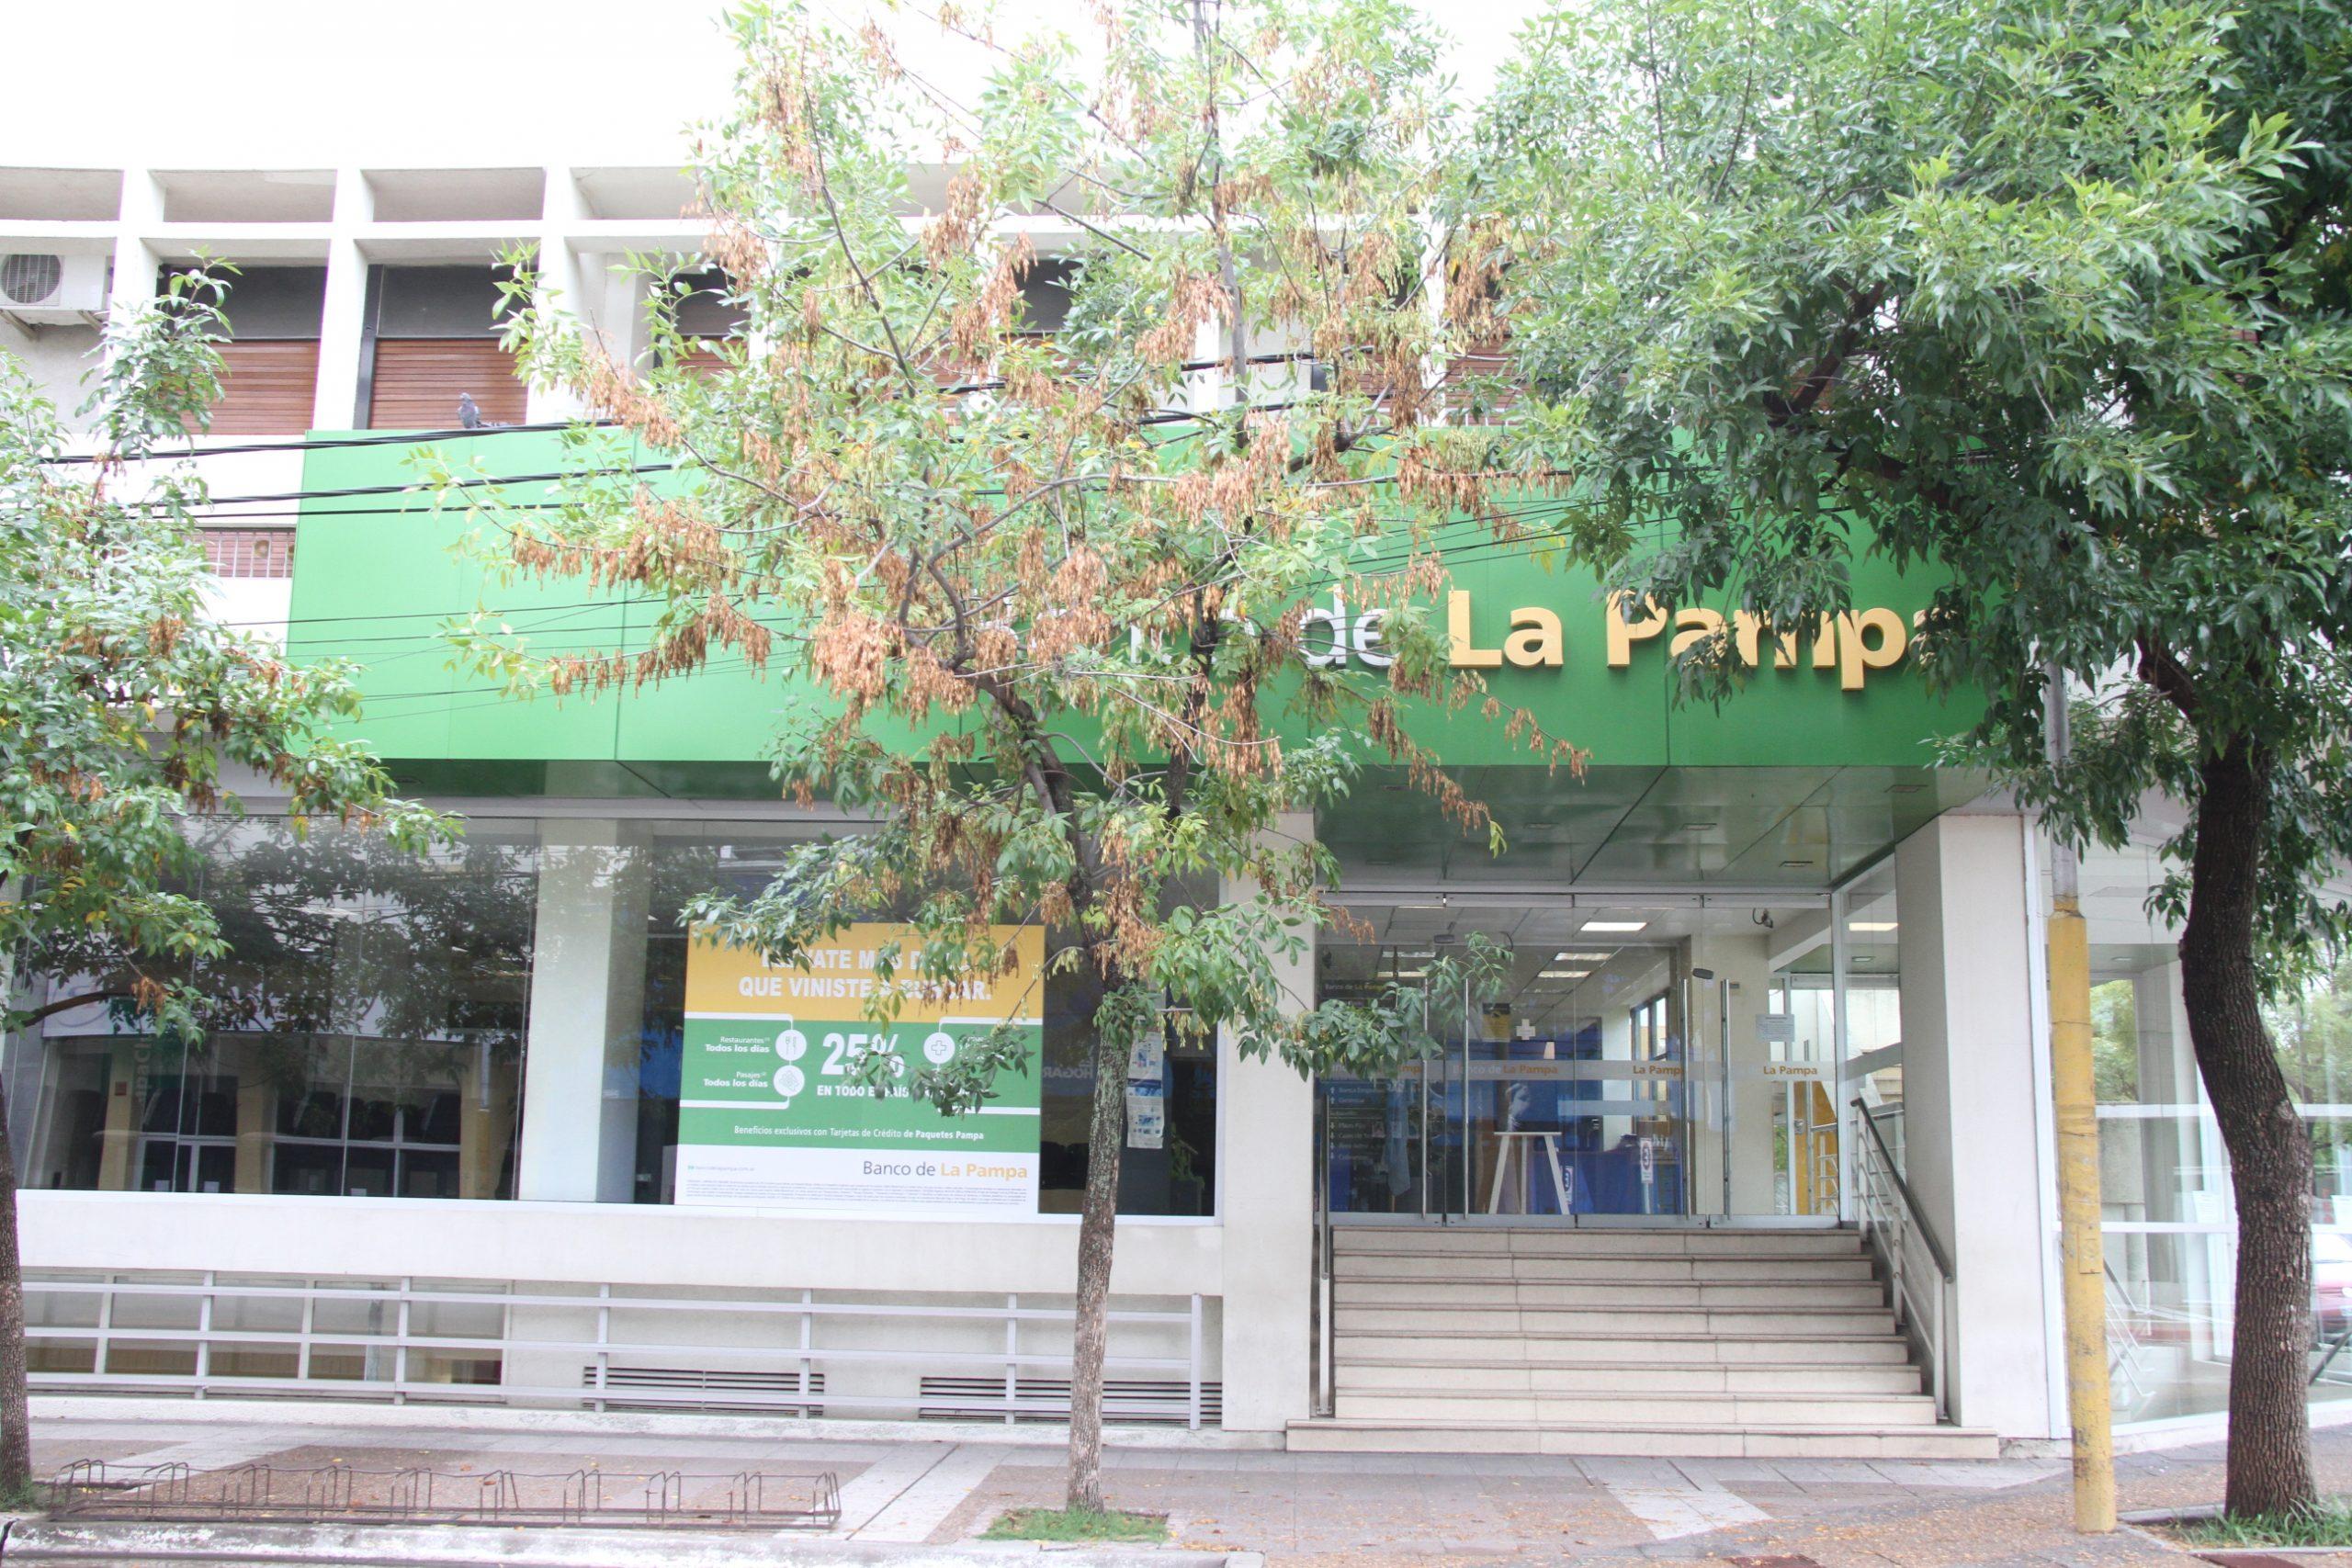 Atención: El Banco de La Pampa dio a conocer los detalles de la atención al público a partir de mañana